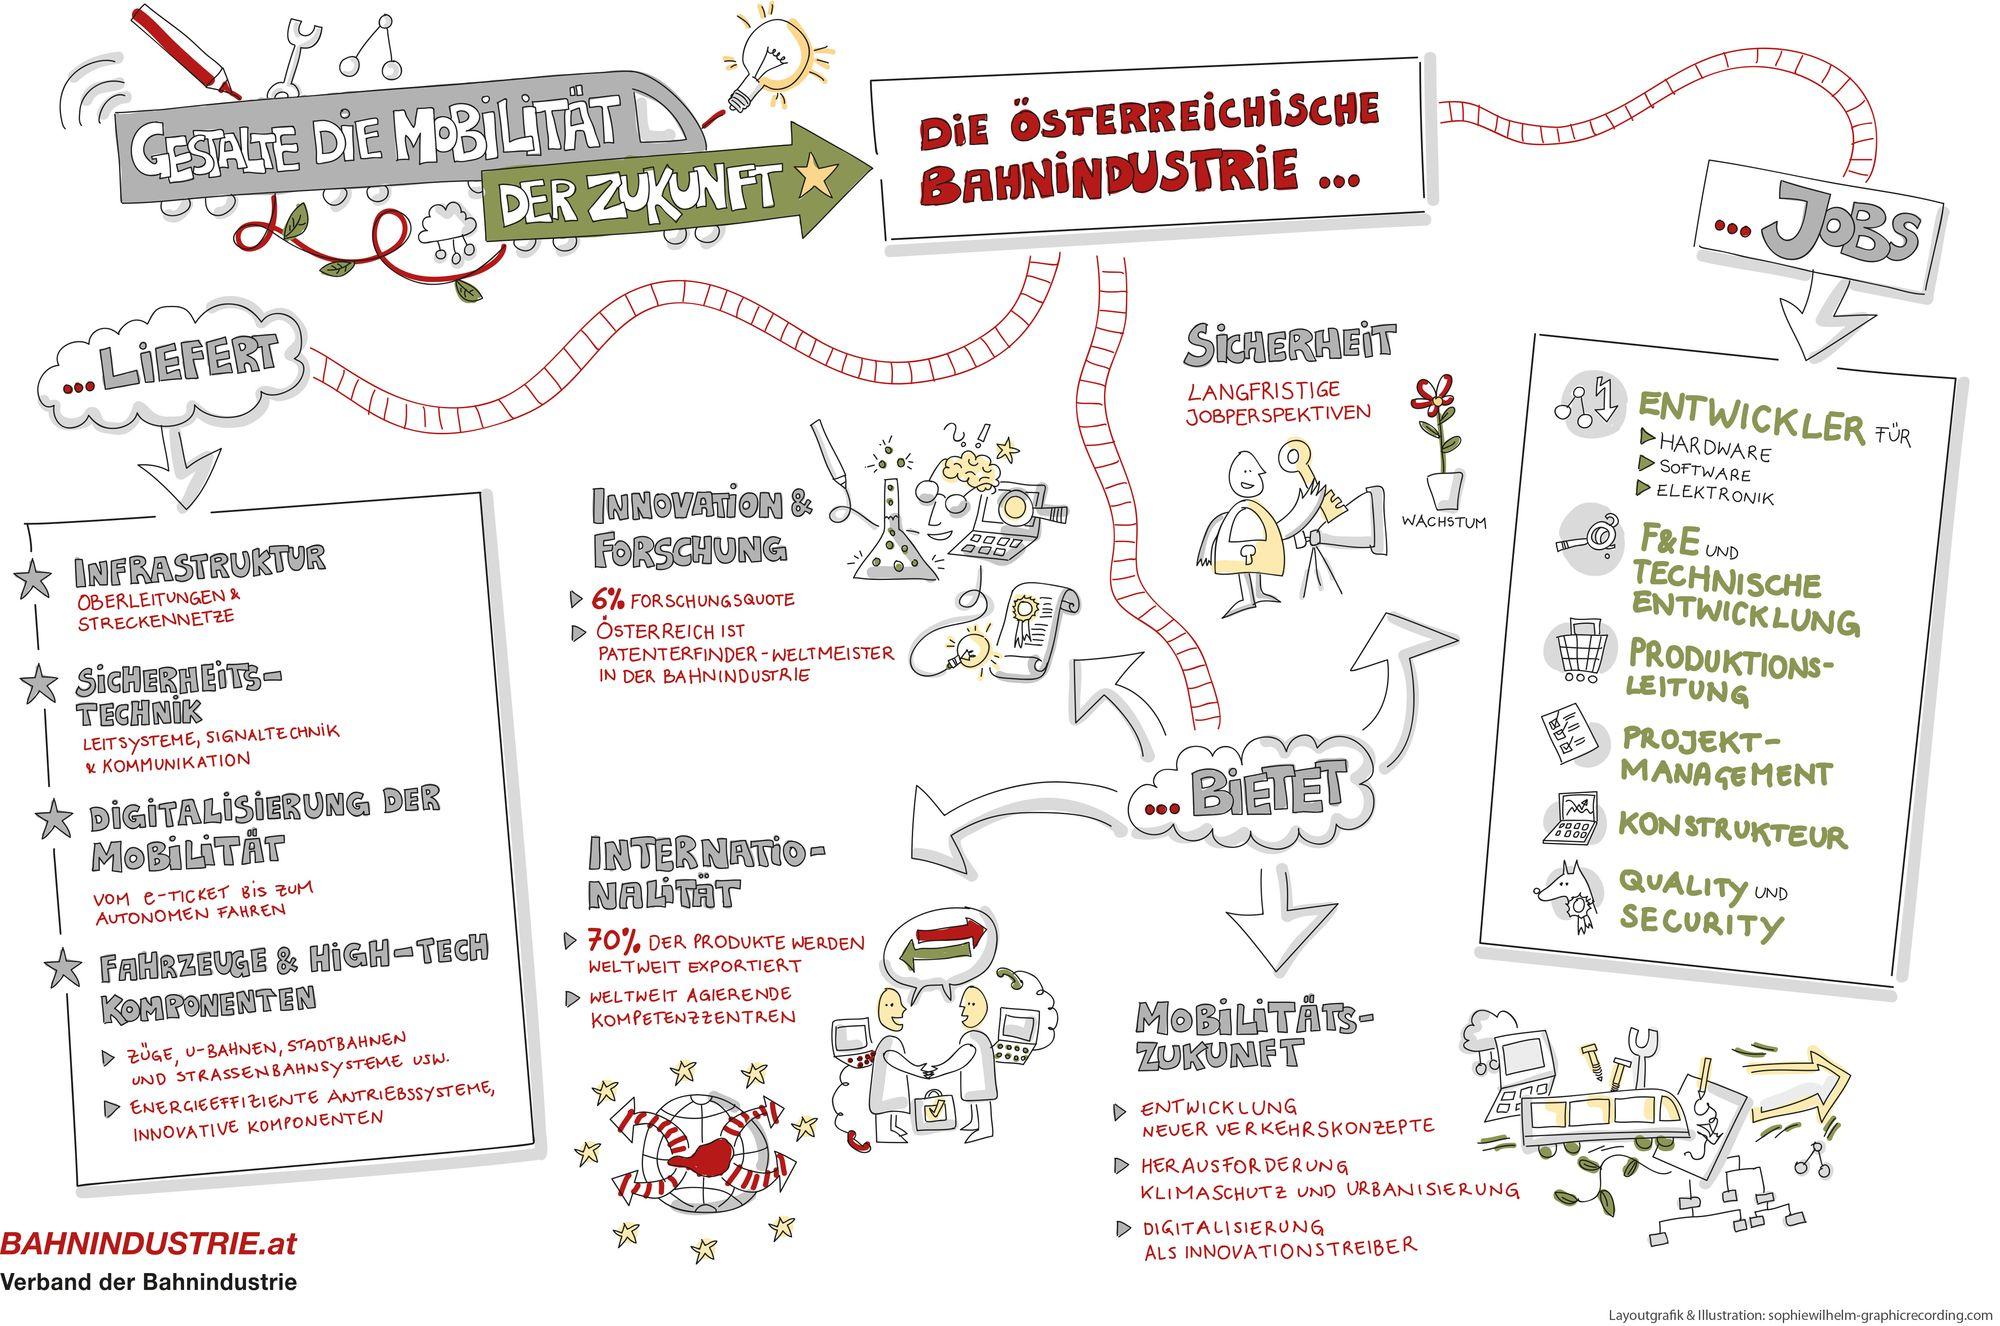 Folder für Jugendliche der ÖBB (Bahnindustrie in Österreich)